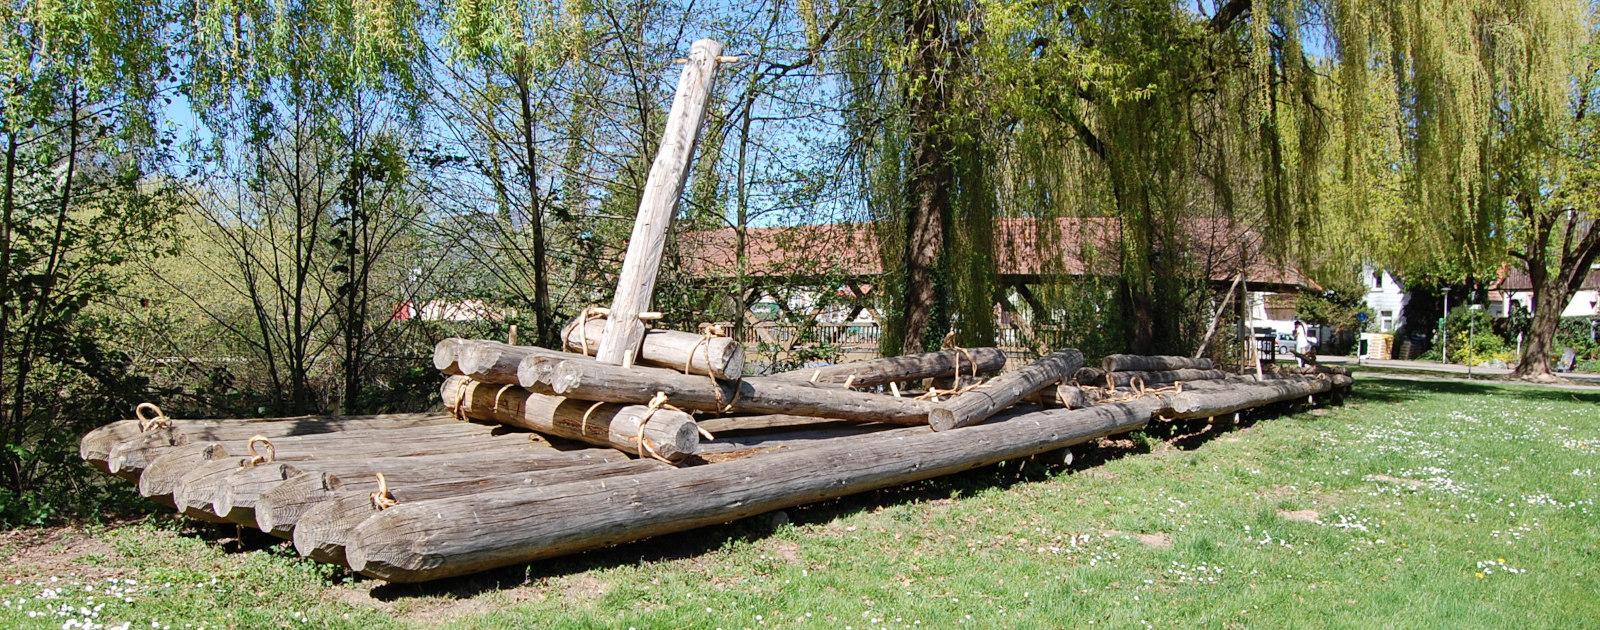 Nachbau eines historischen Floßes in Willstätt